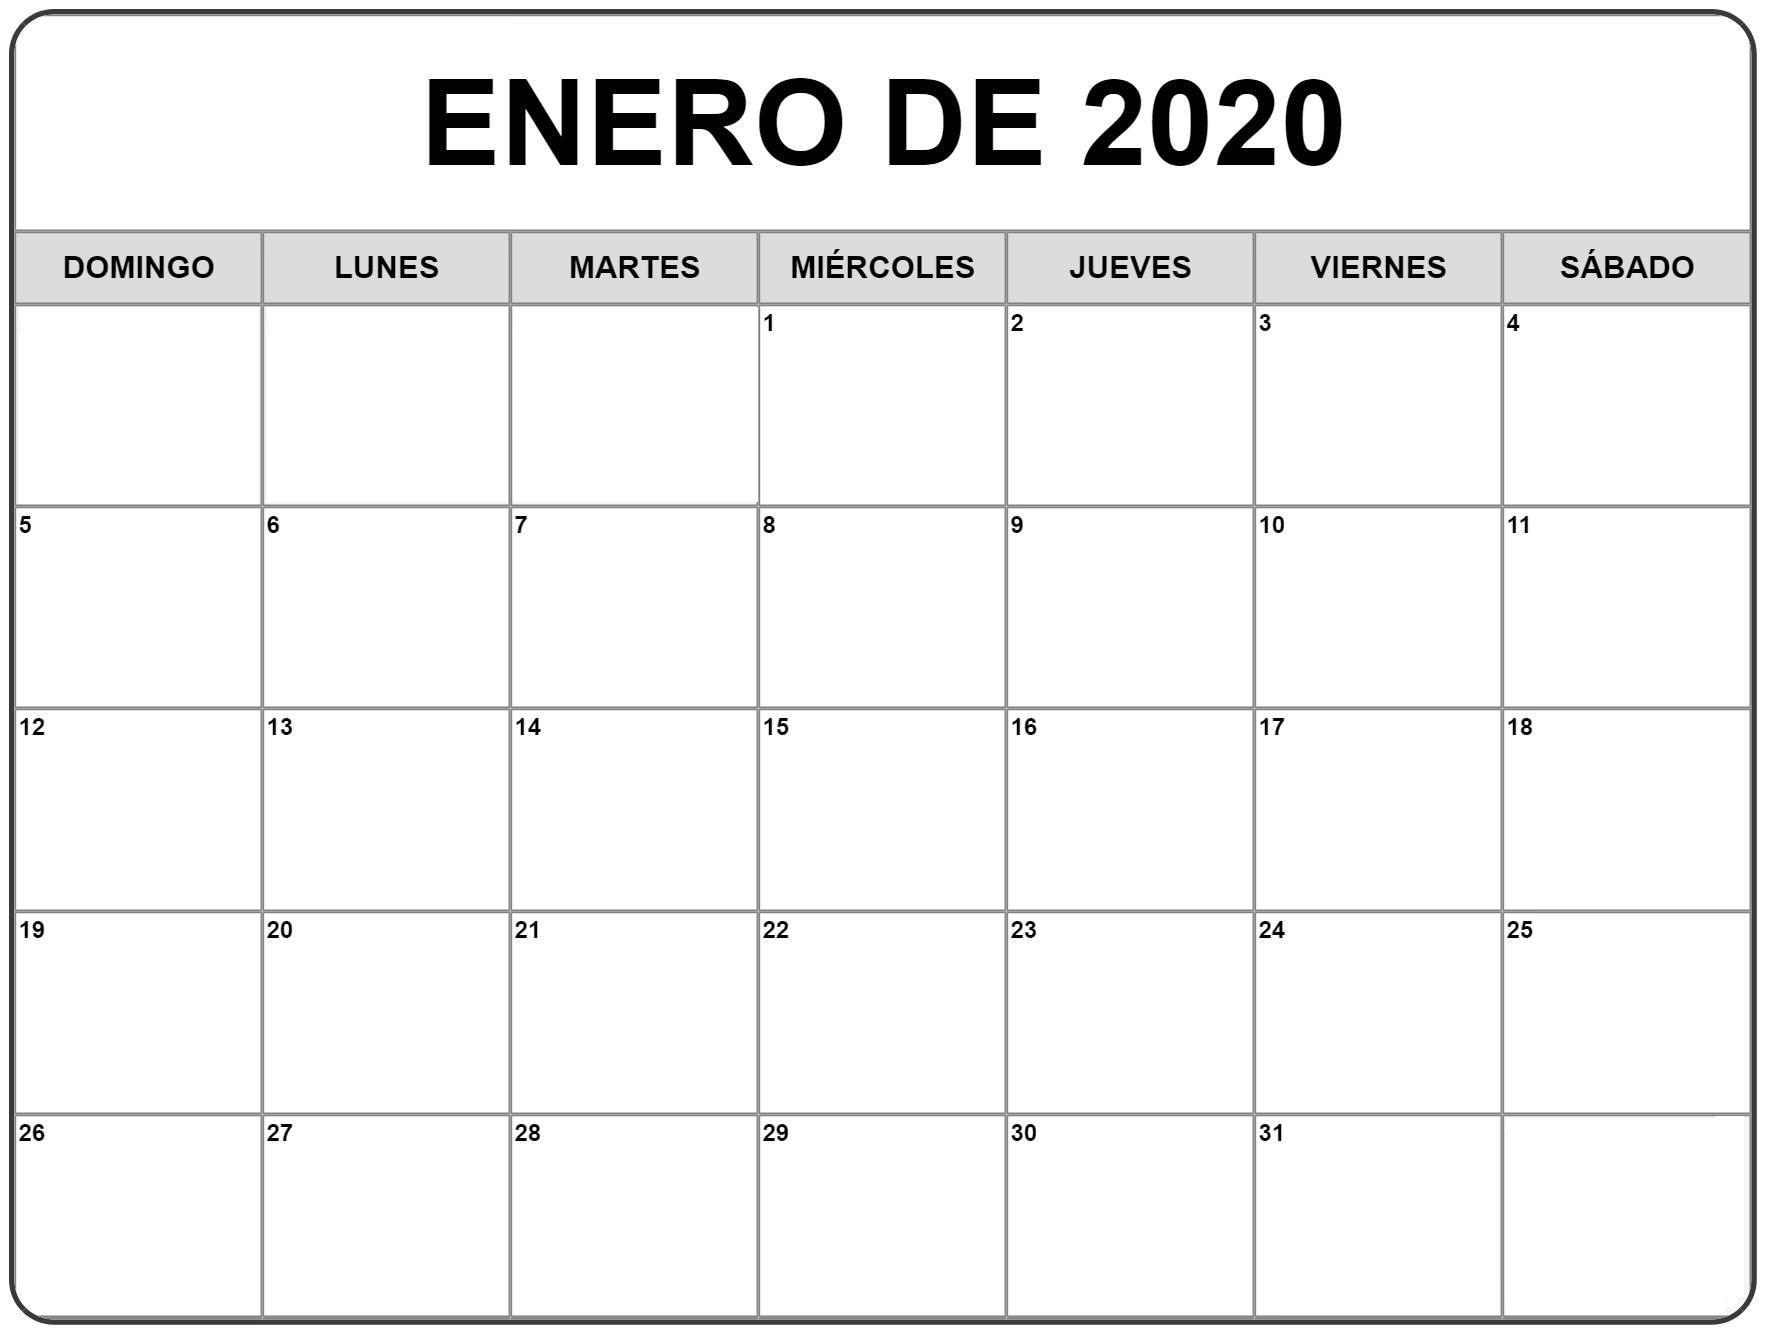 Calendario 2020 Meses Más Arriba-a-fecha Calendario Febrero 2020 52ld Calendario 2020 Of Calendario 2020 Meses Más Caliente Convenios Y Acuerdos